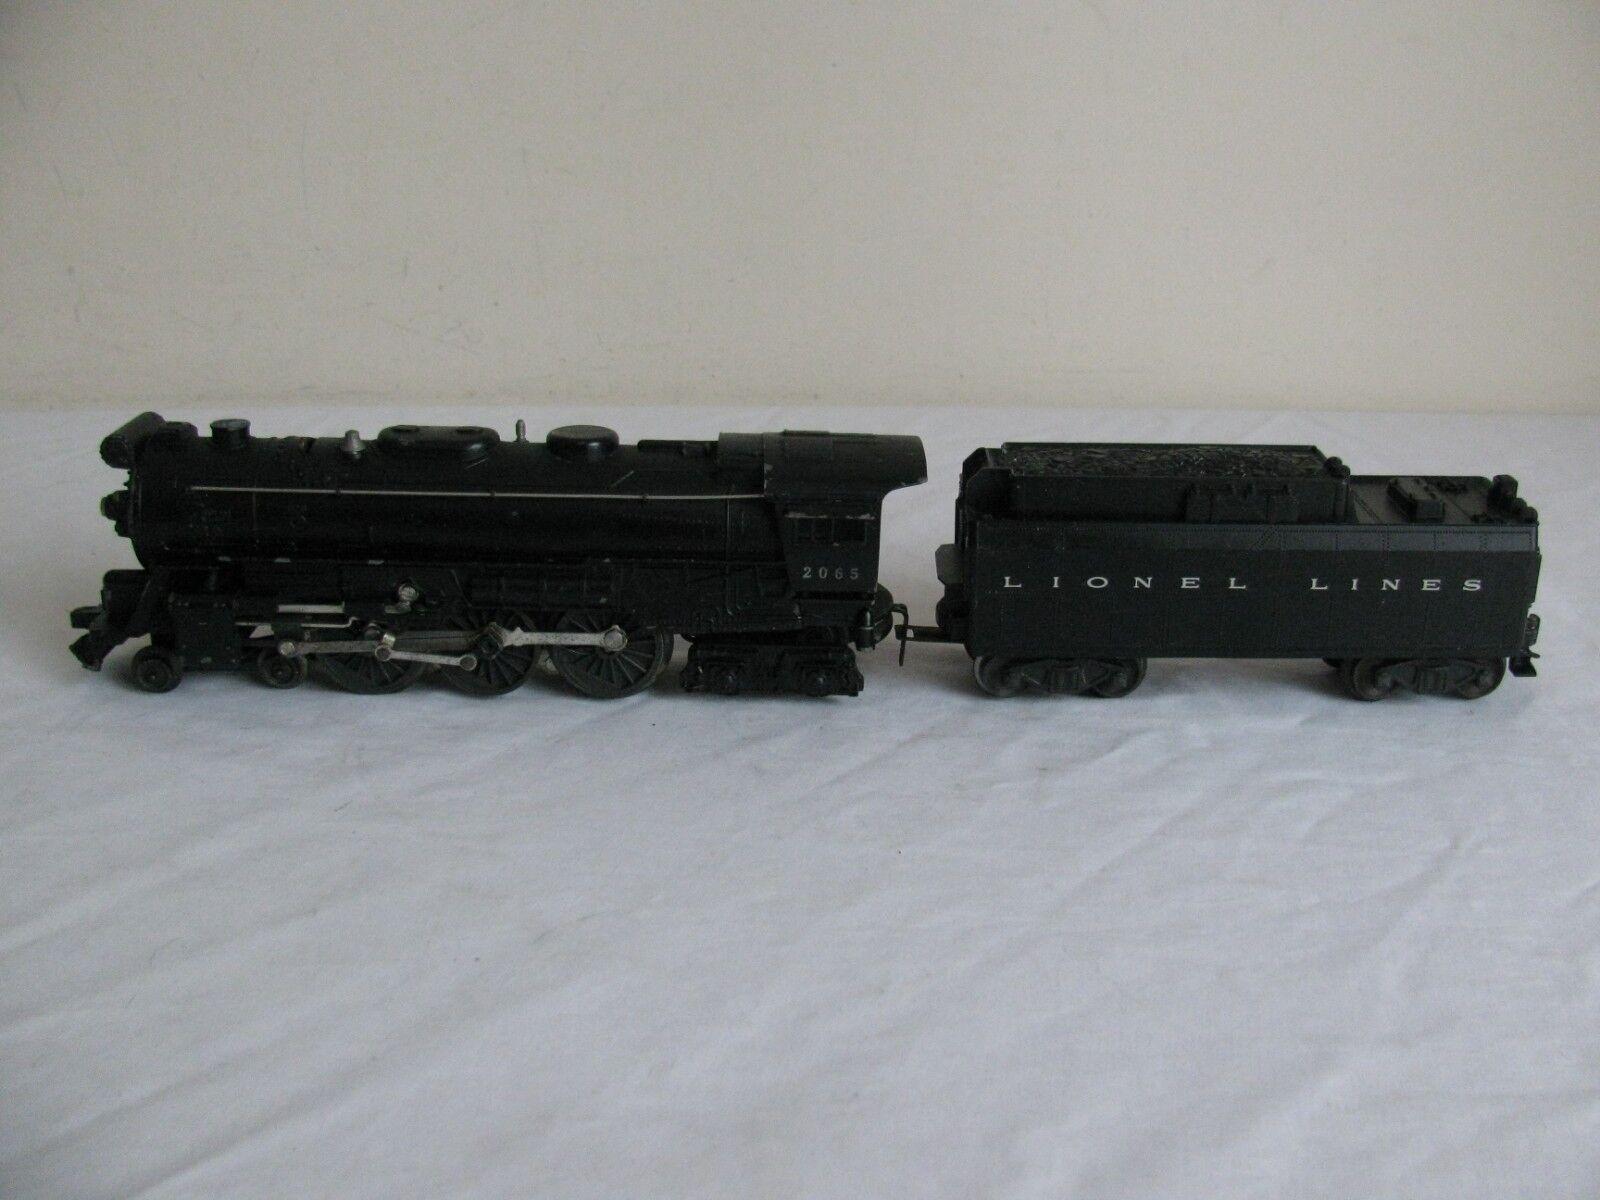 Lionel Trains 2065 Hudson 4-6-4 Steam Locomotive w  6026 Whistle Tender VG